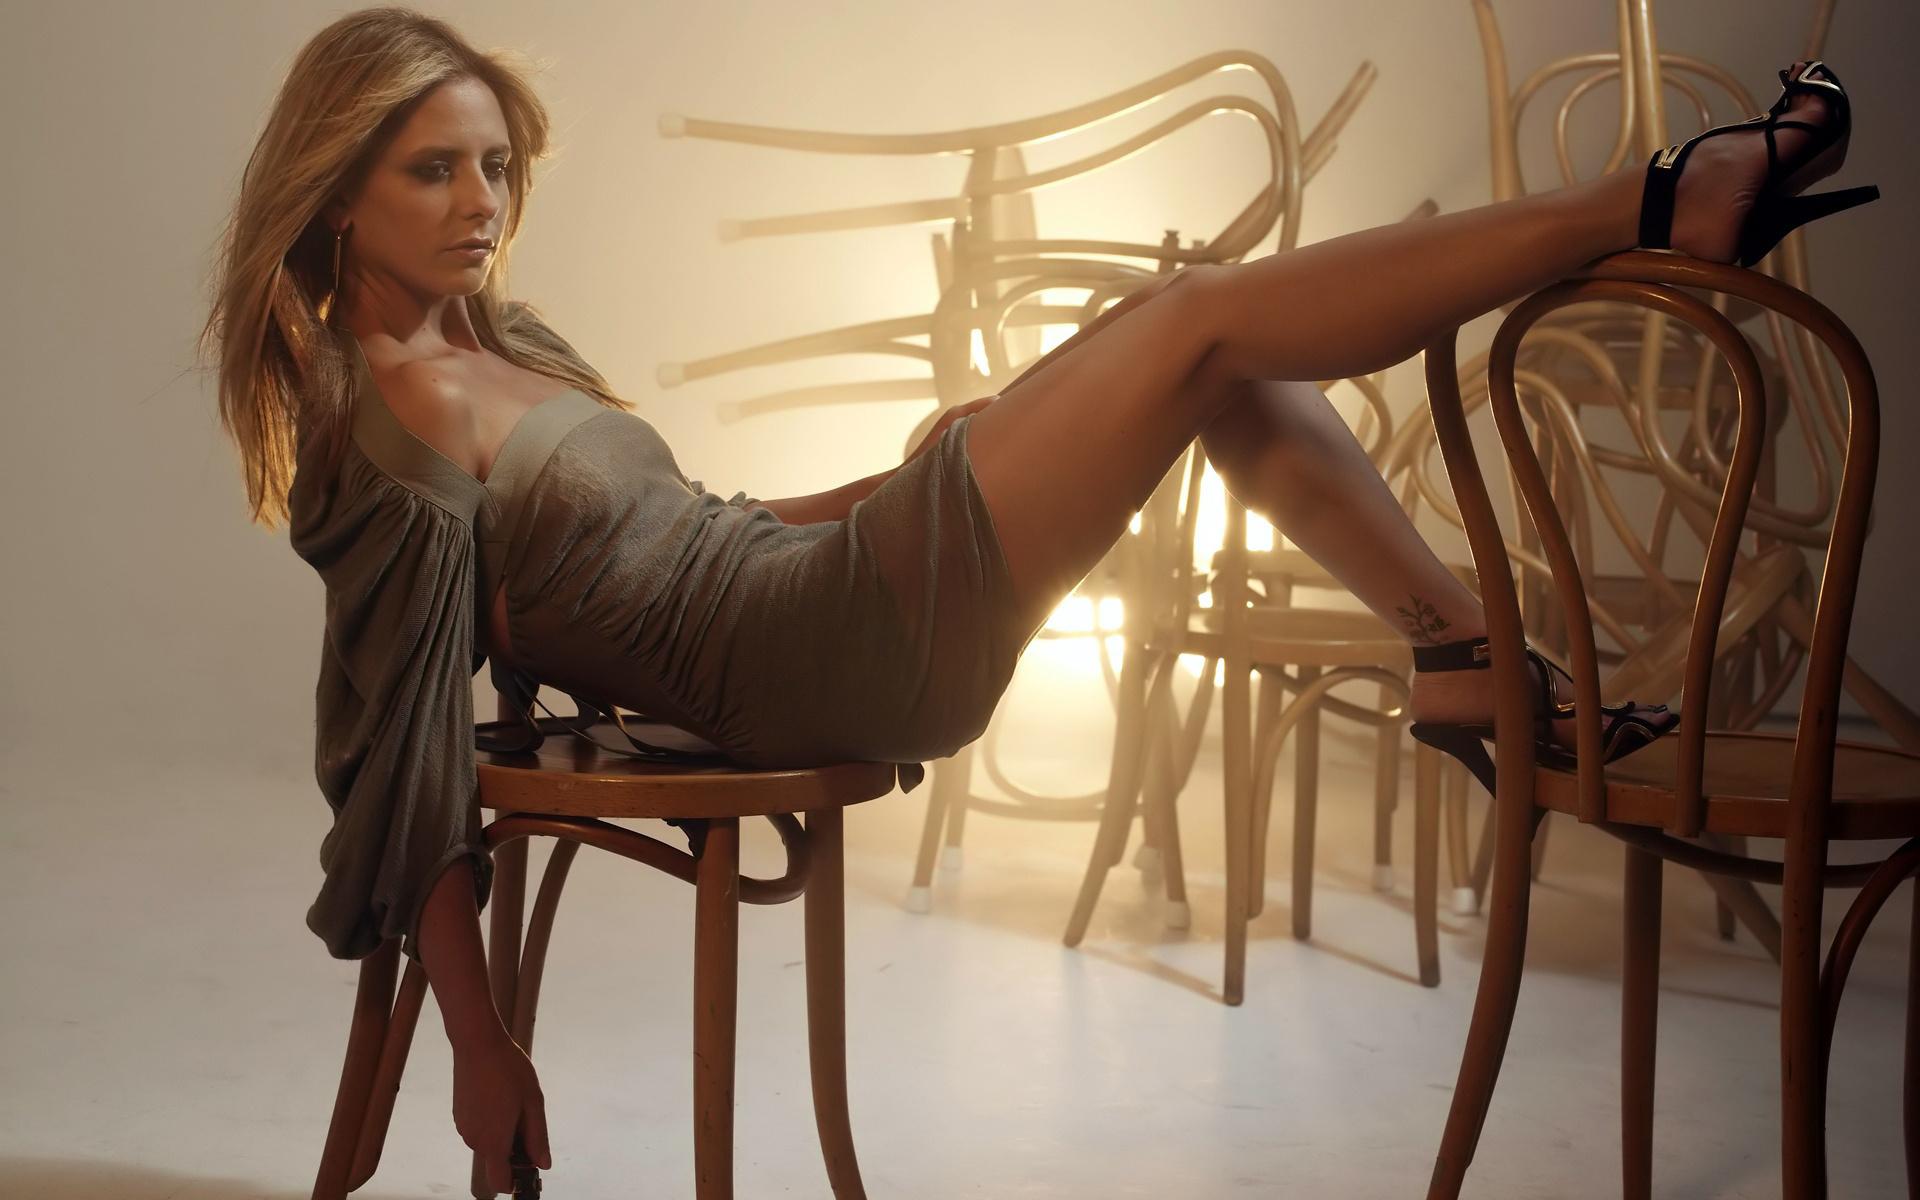 Секси женщина на стуле фото смотреть 24 фотография